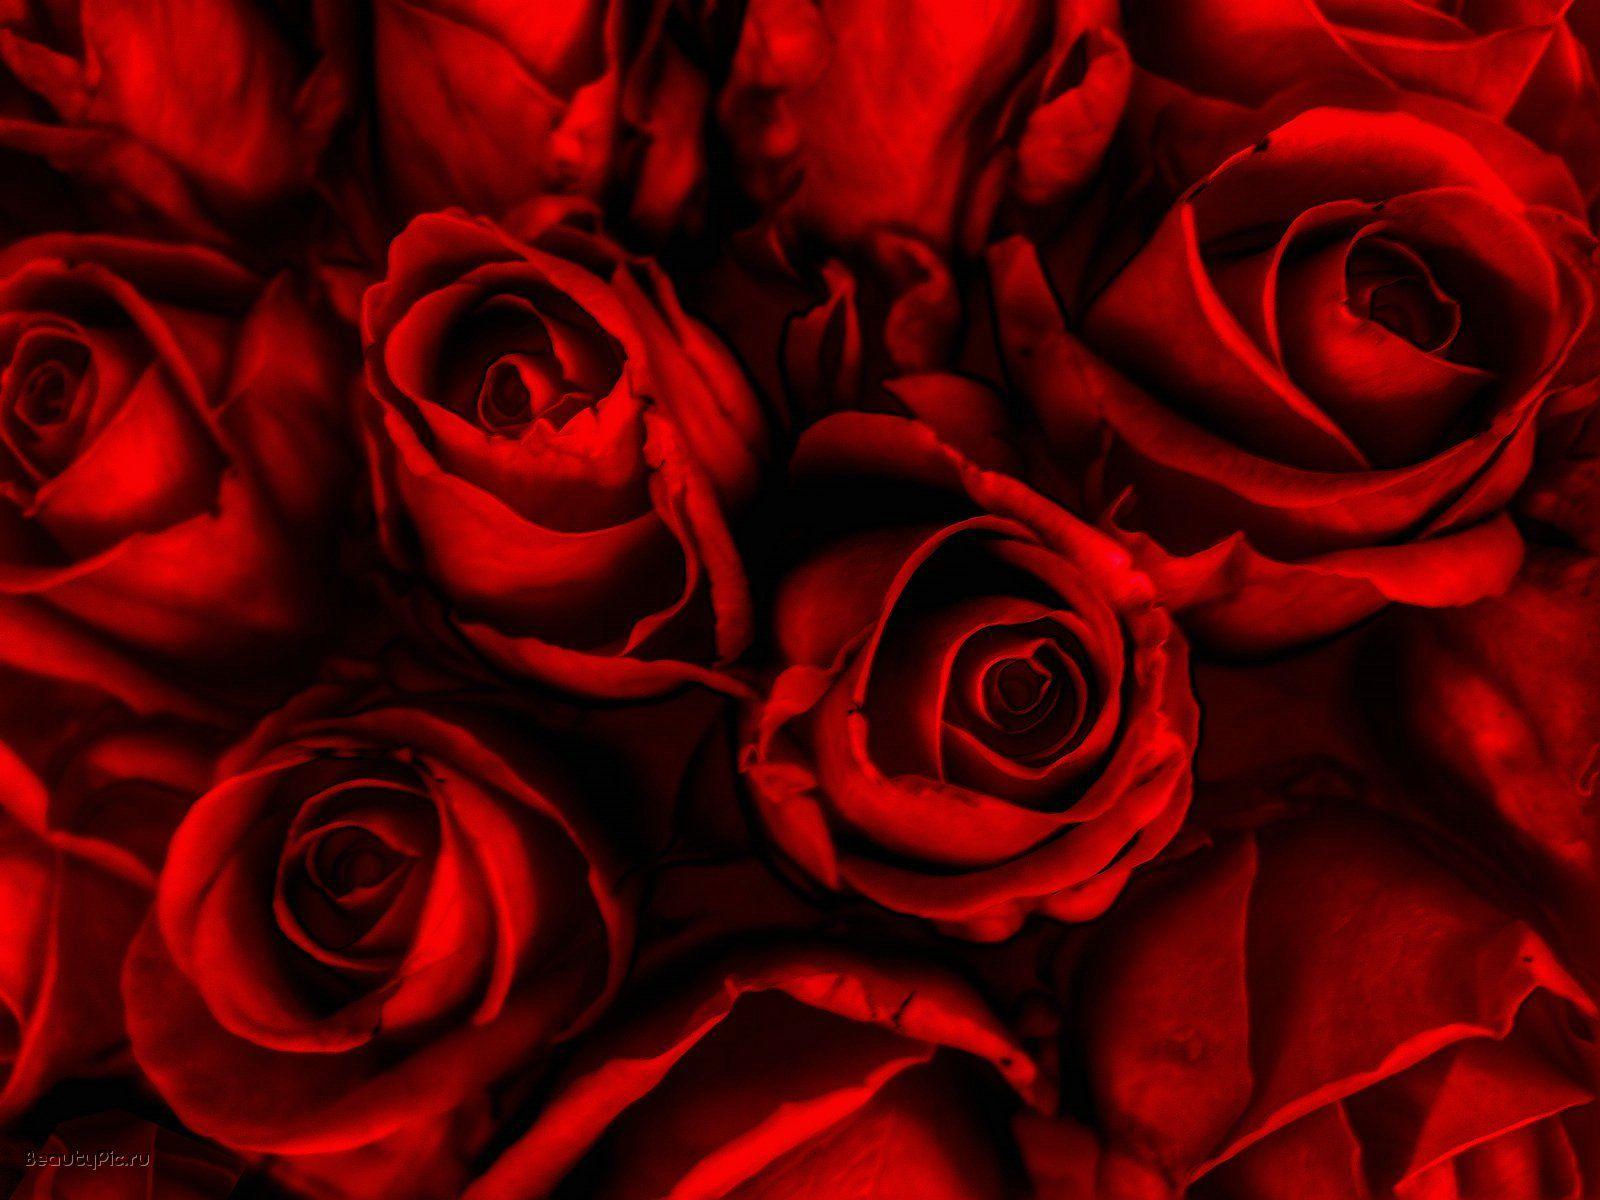 Roses Wallpaper Rose Flower Wallpaper Dark Red Roses Red Roses Wallpaper